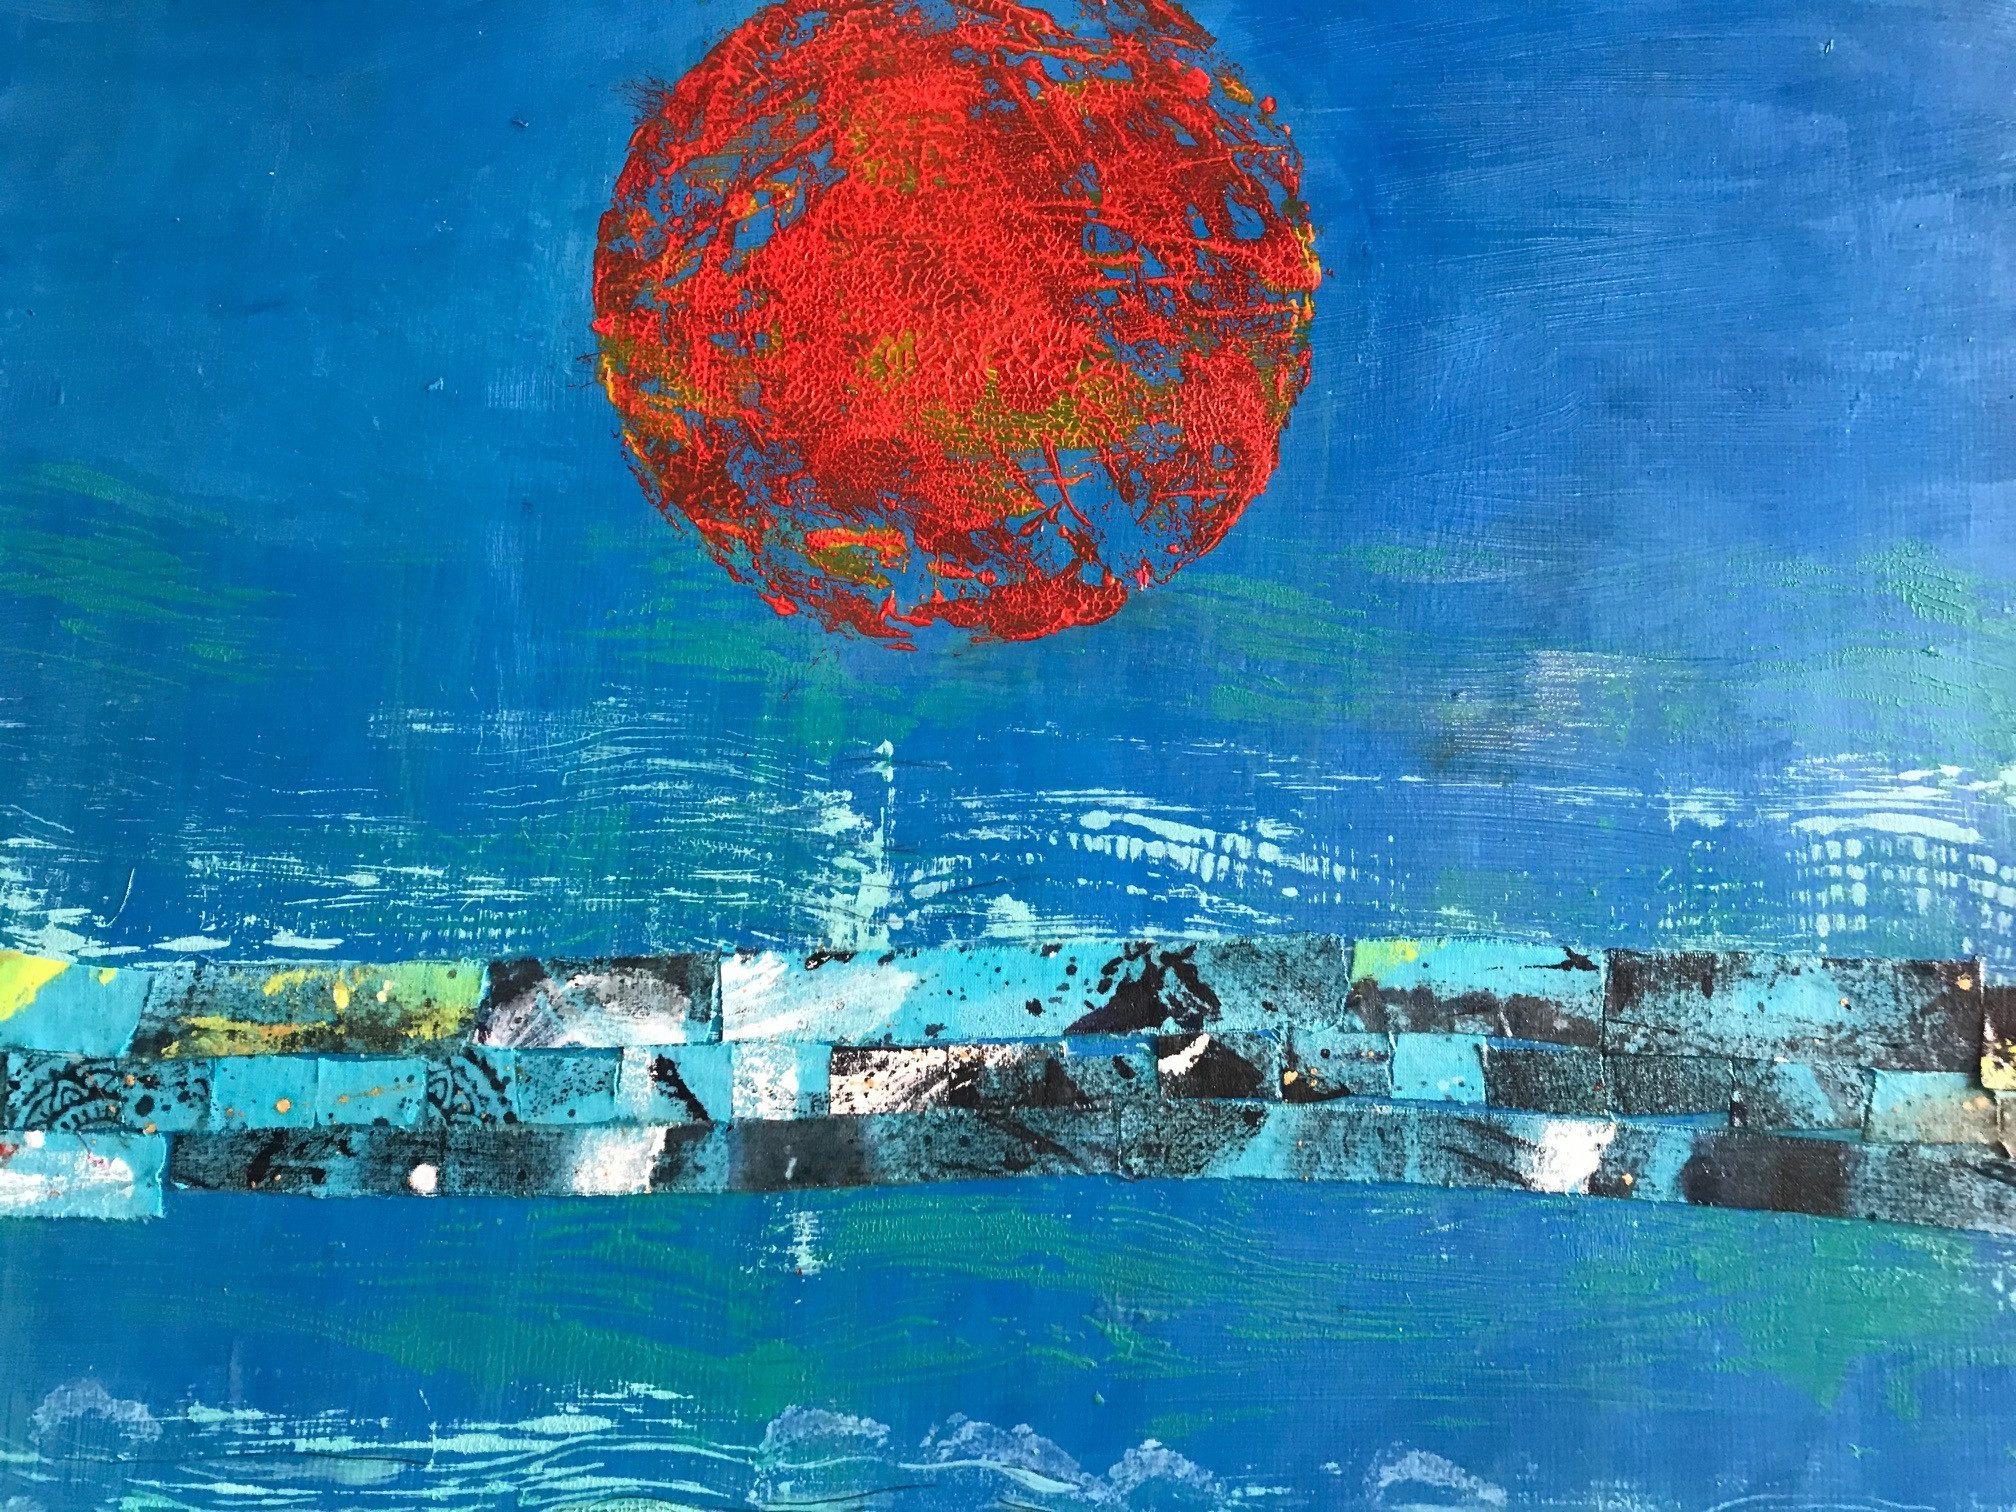 RED SUN by JUDITH KLEIN